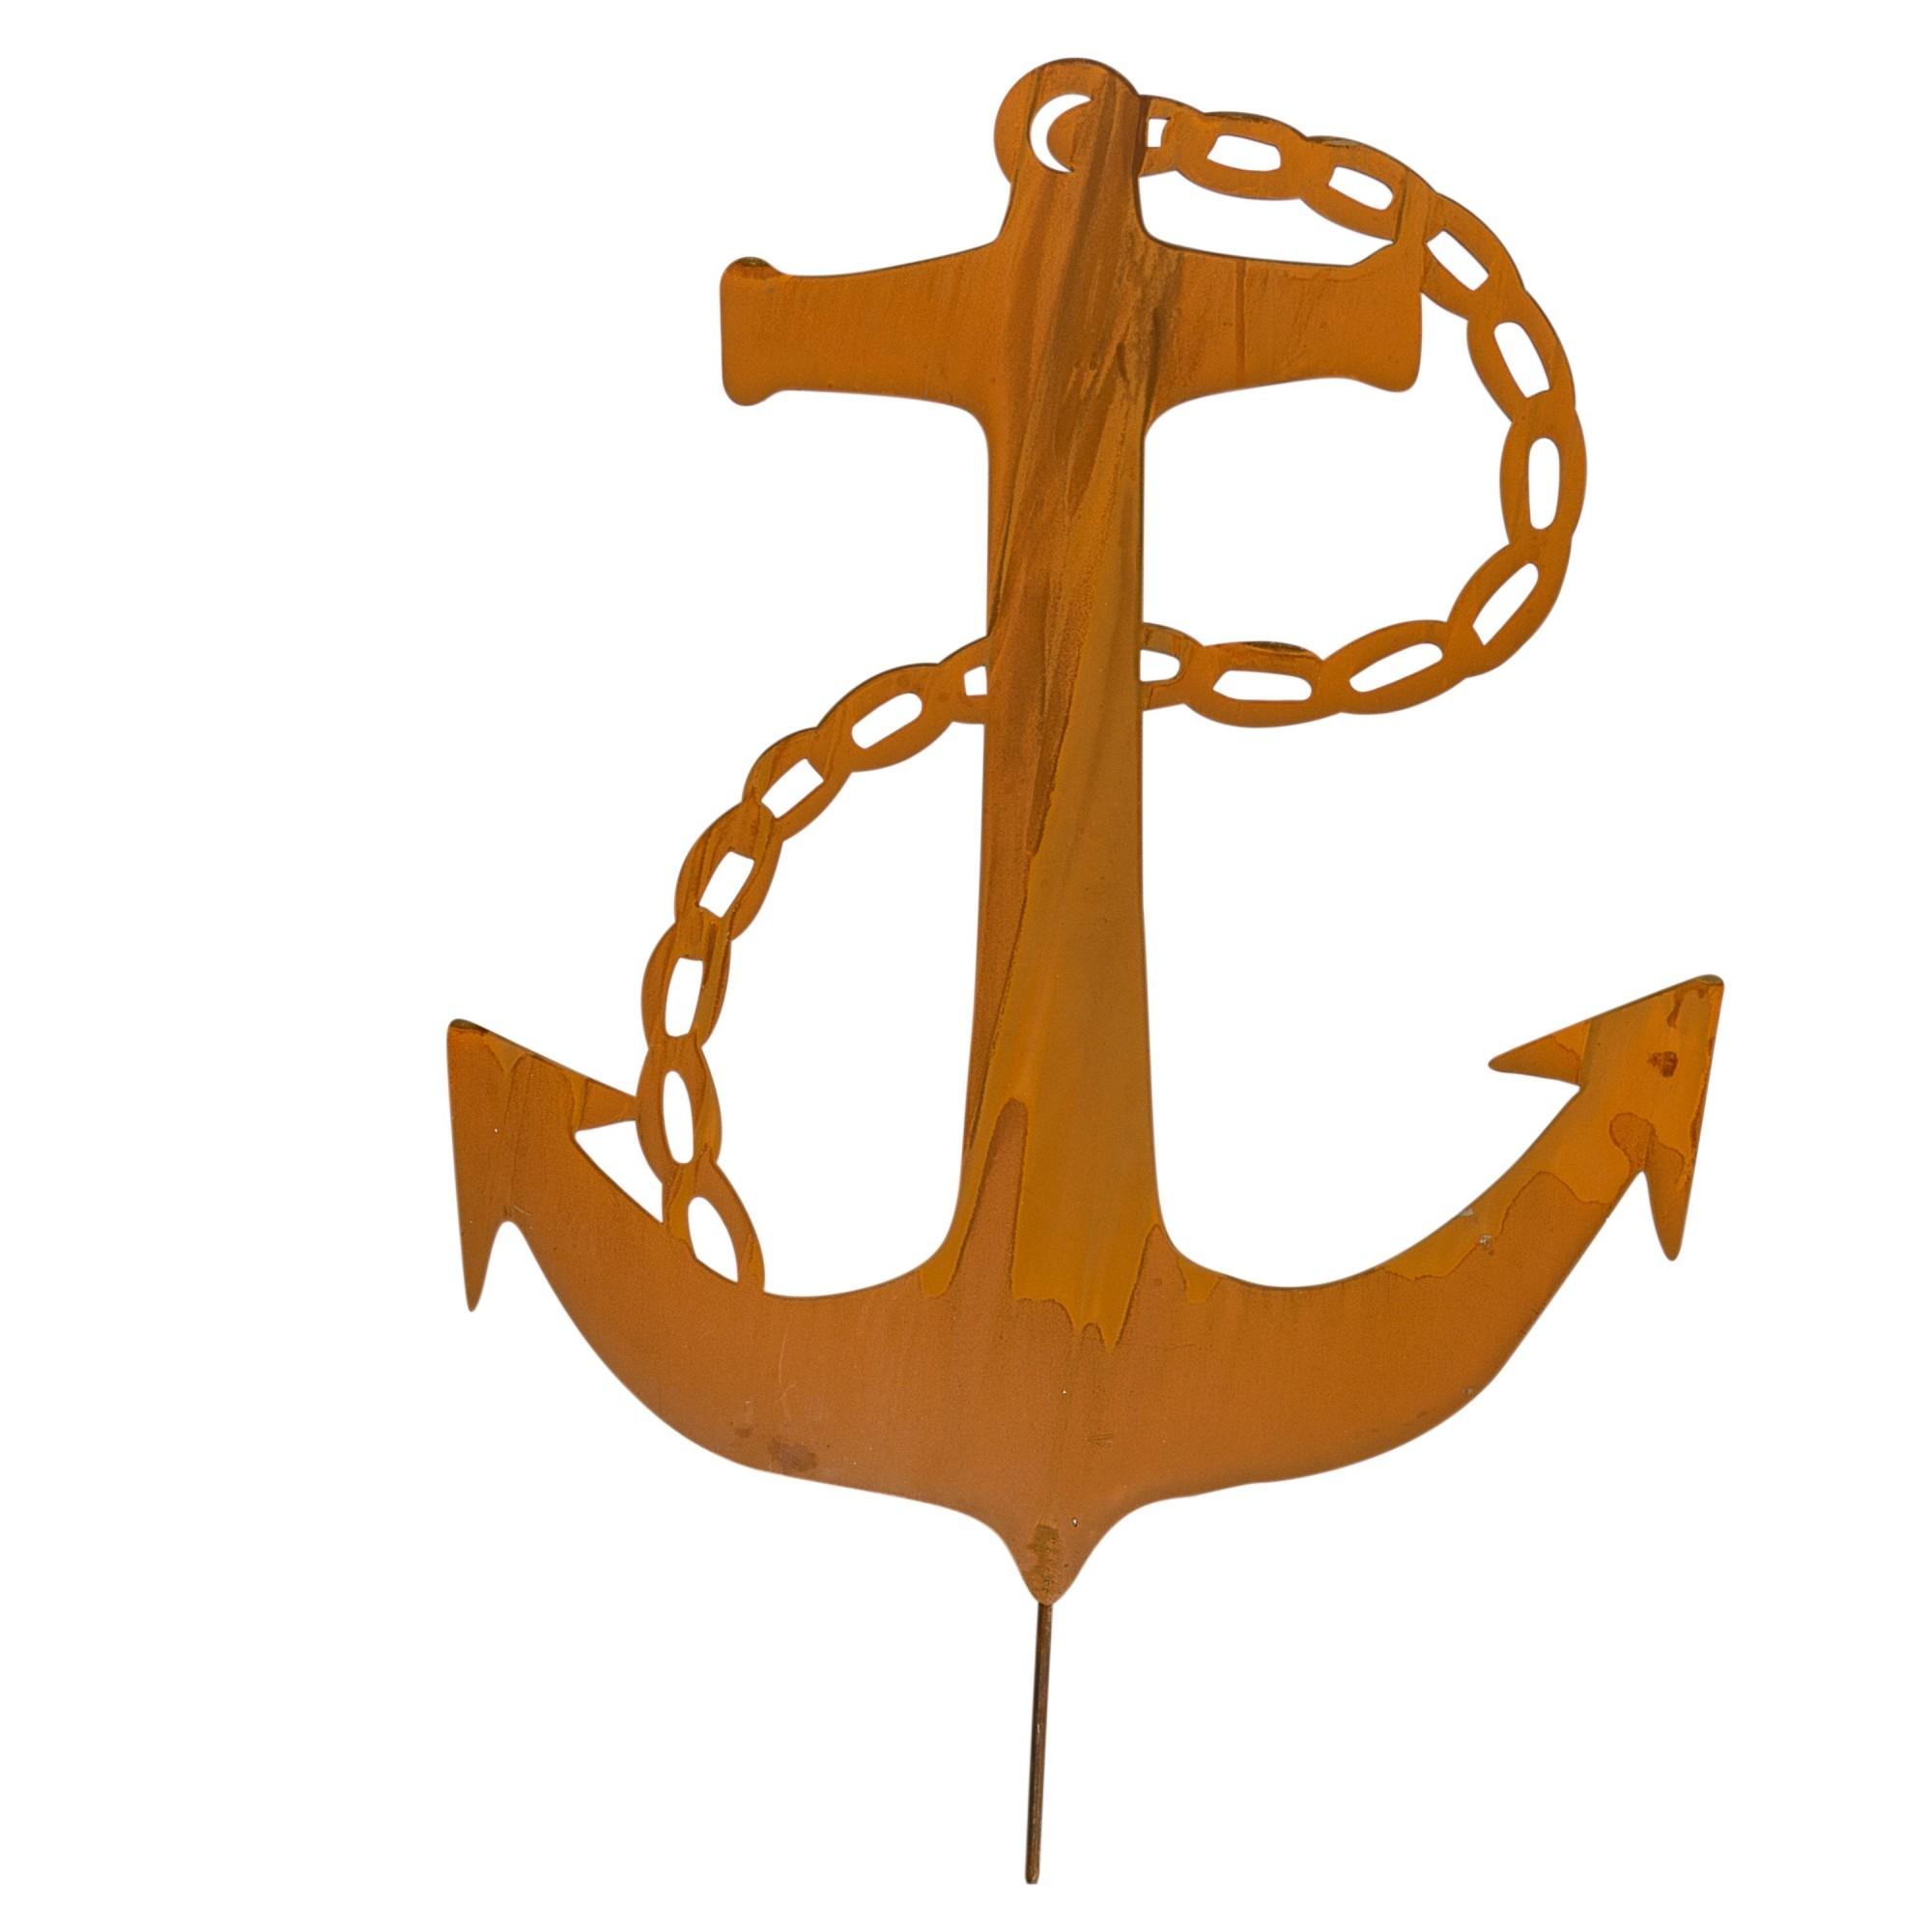 19 x 96 cm Gartenstecker maritim als Anker Naturrost ca